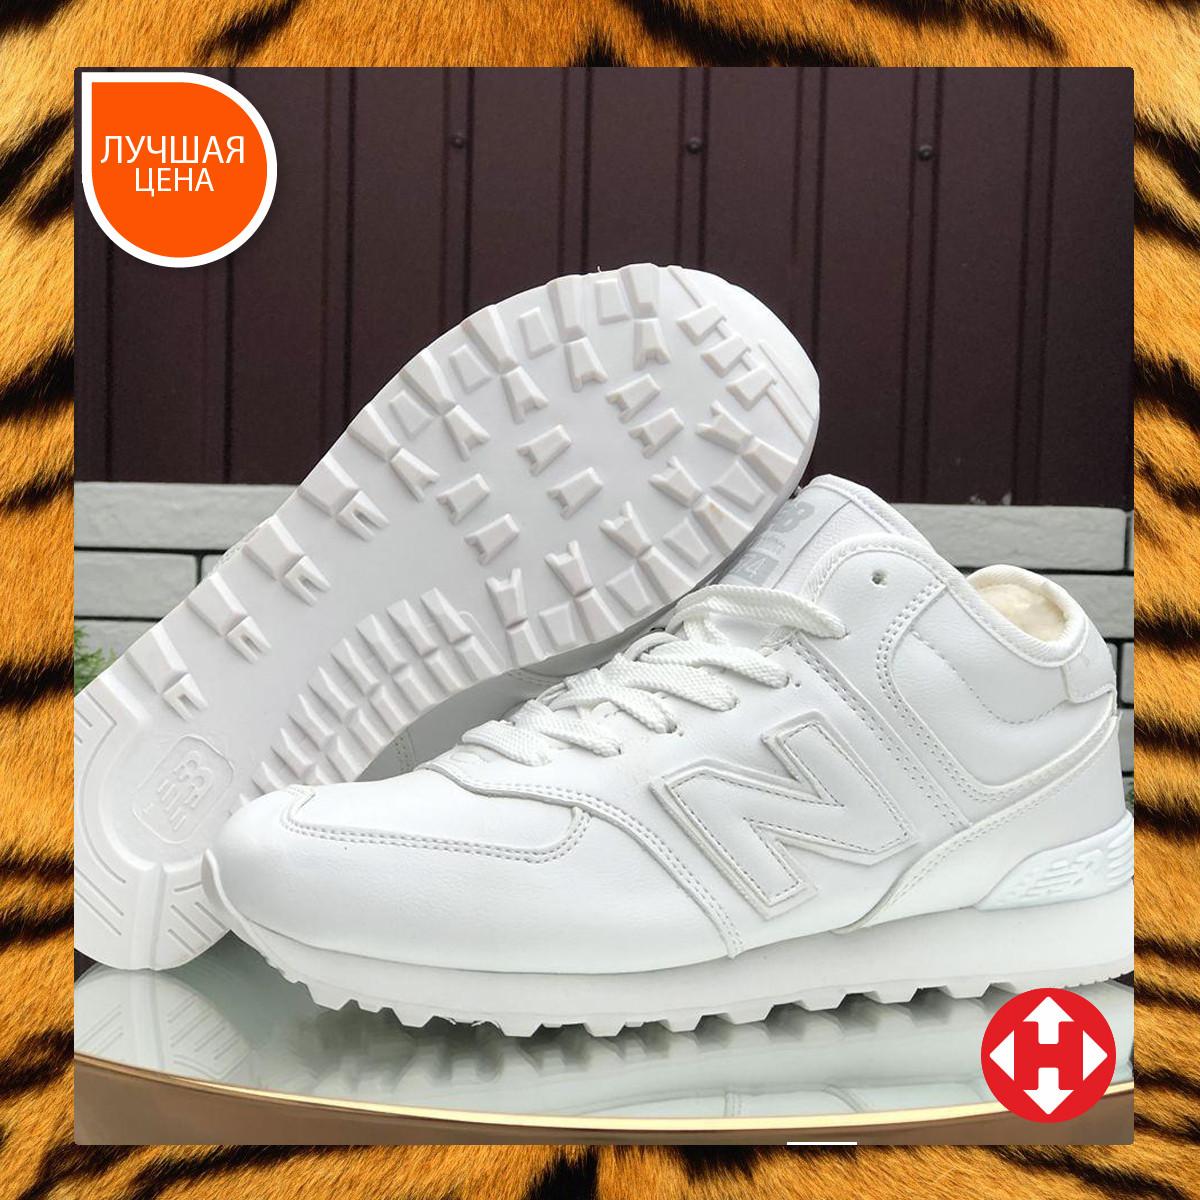 🔥 Кроссовки ботинки женские зимние New Balance 574 белые замшевые замша теплые на меху меховые